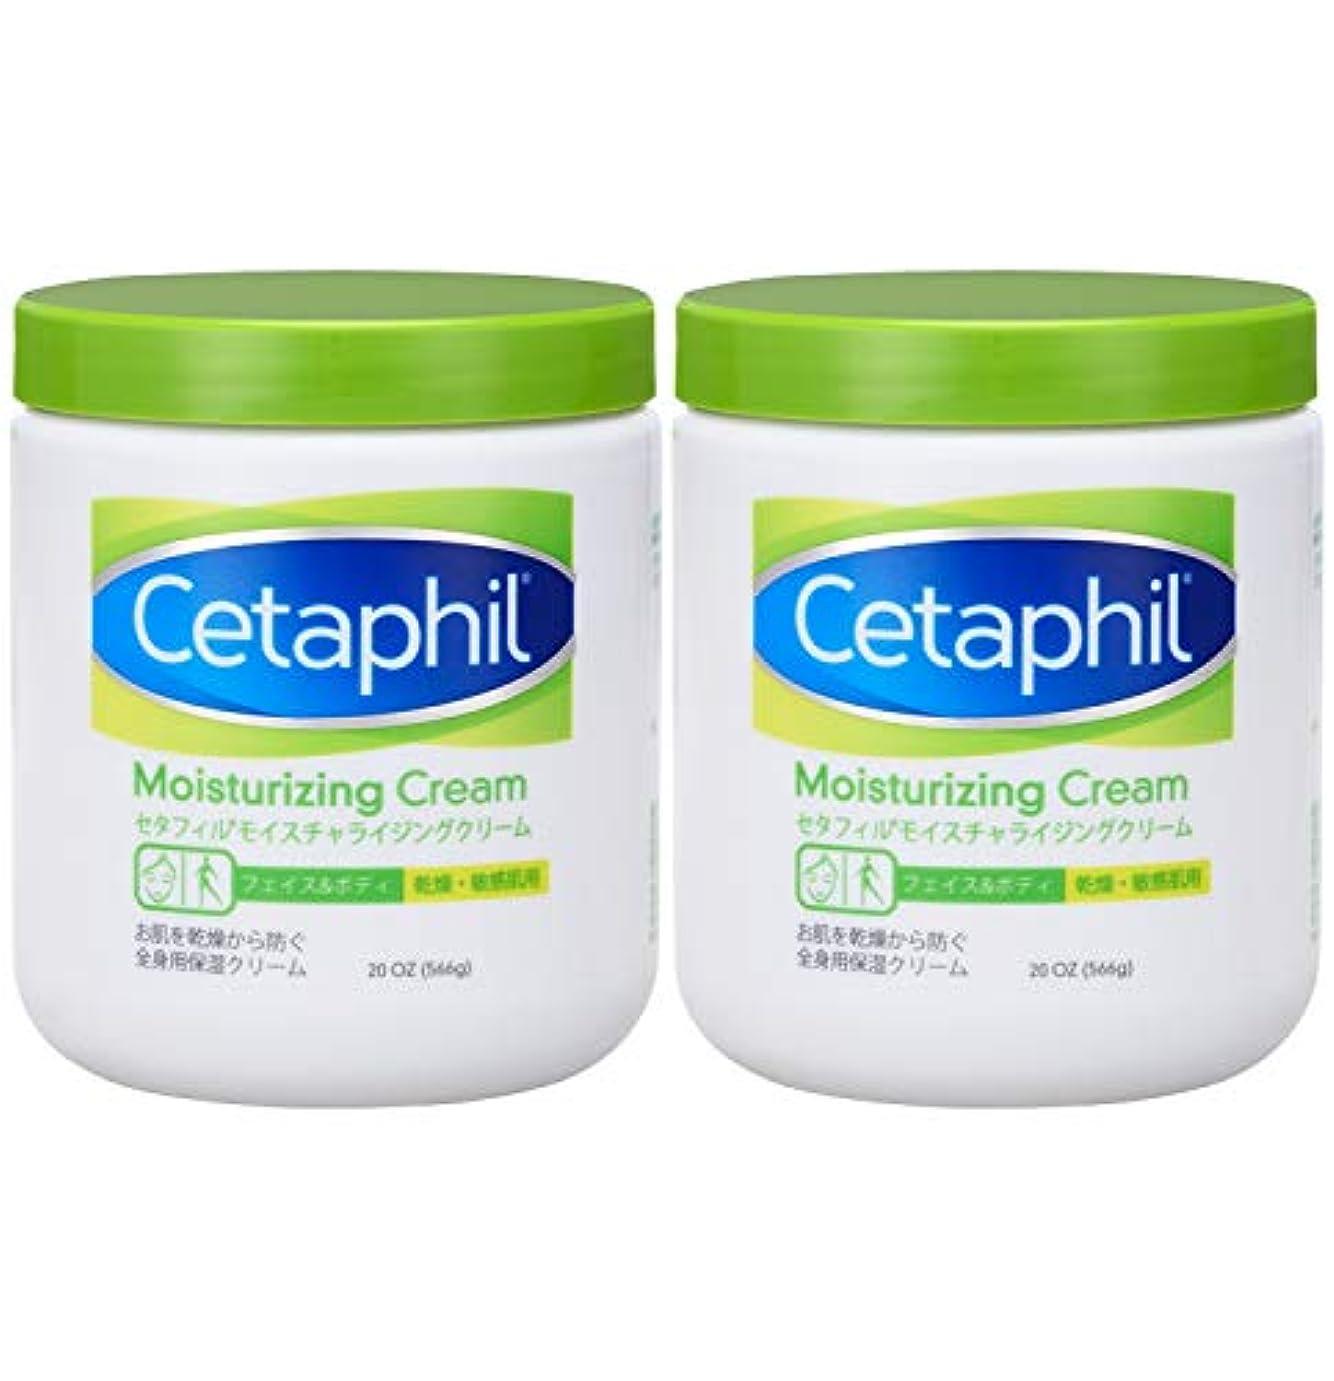 非効率的な正午ロボットセタフィル Cetaphil ® モイスチャライジングクリーム 566ml 2本組 ( フェイス & ボディ 保湿クリーム クリーム )